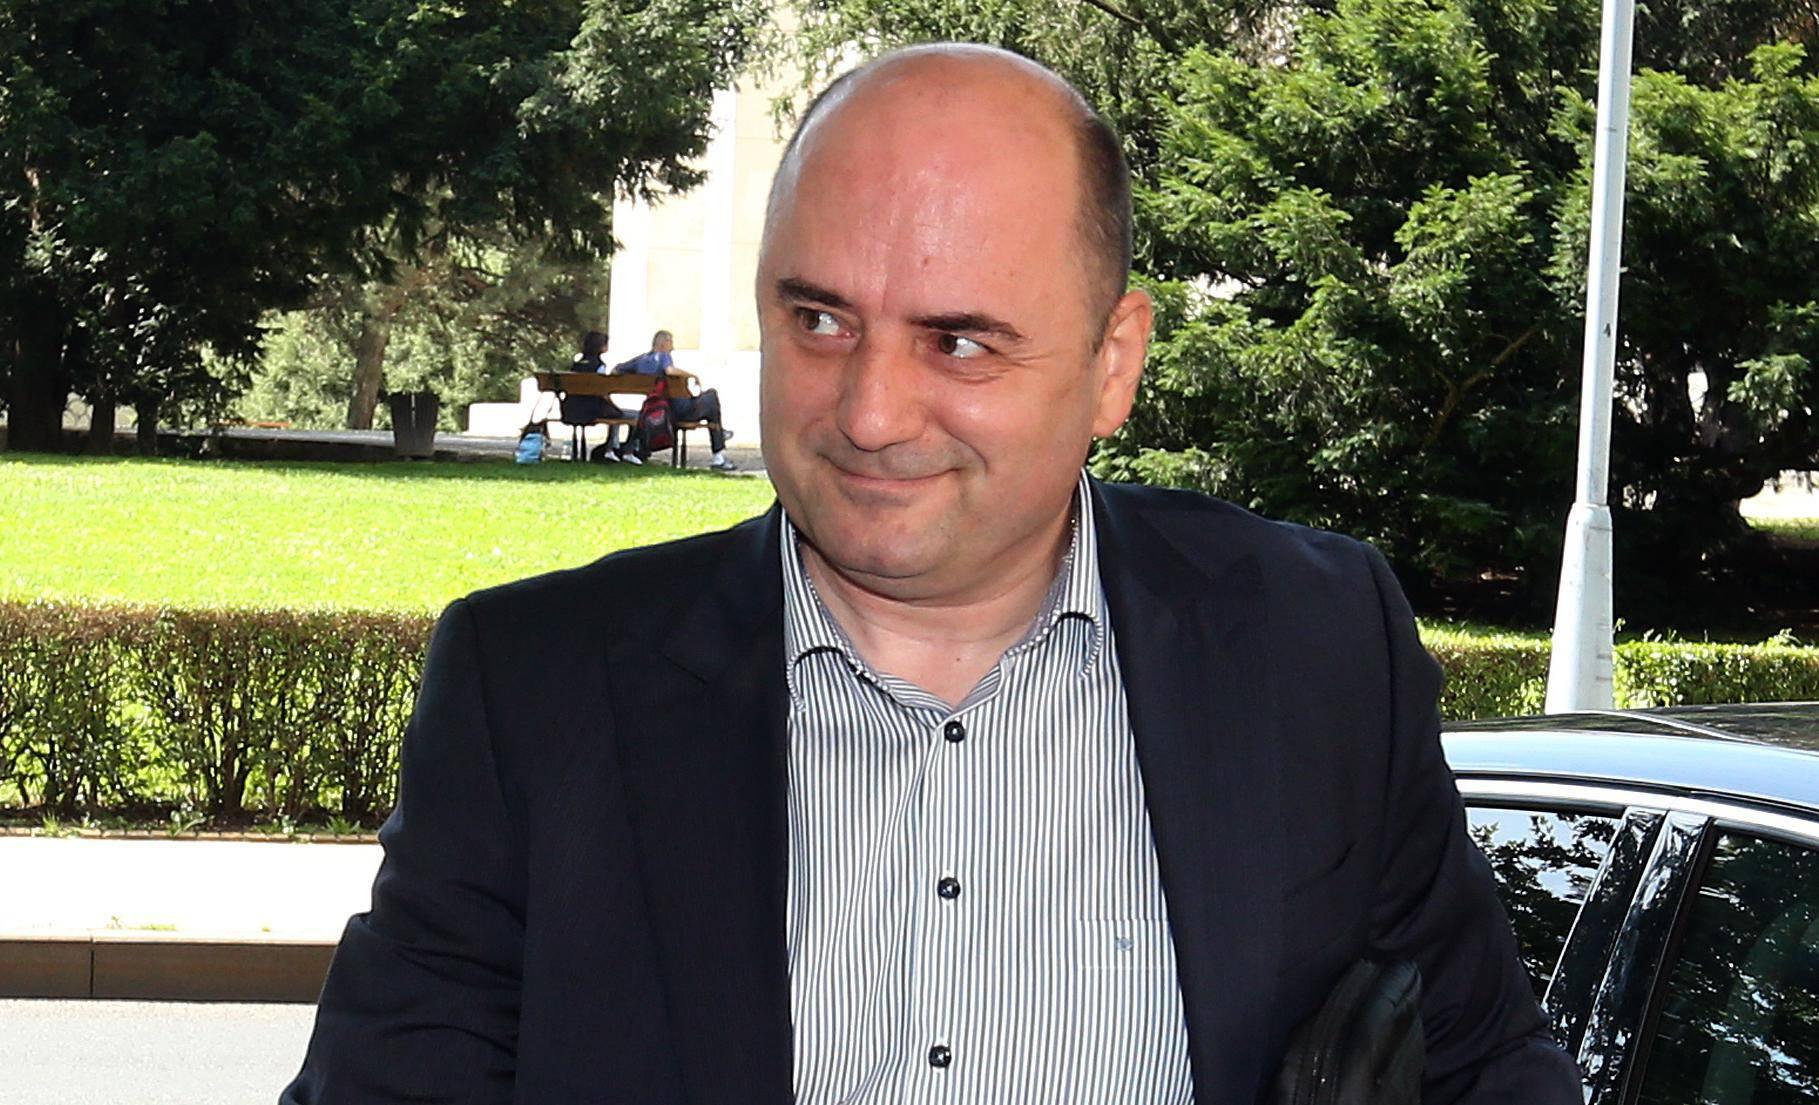 Brkićev odvjetnik: 'Informacije su konstruirali bešćutni ljudi'